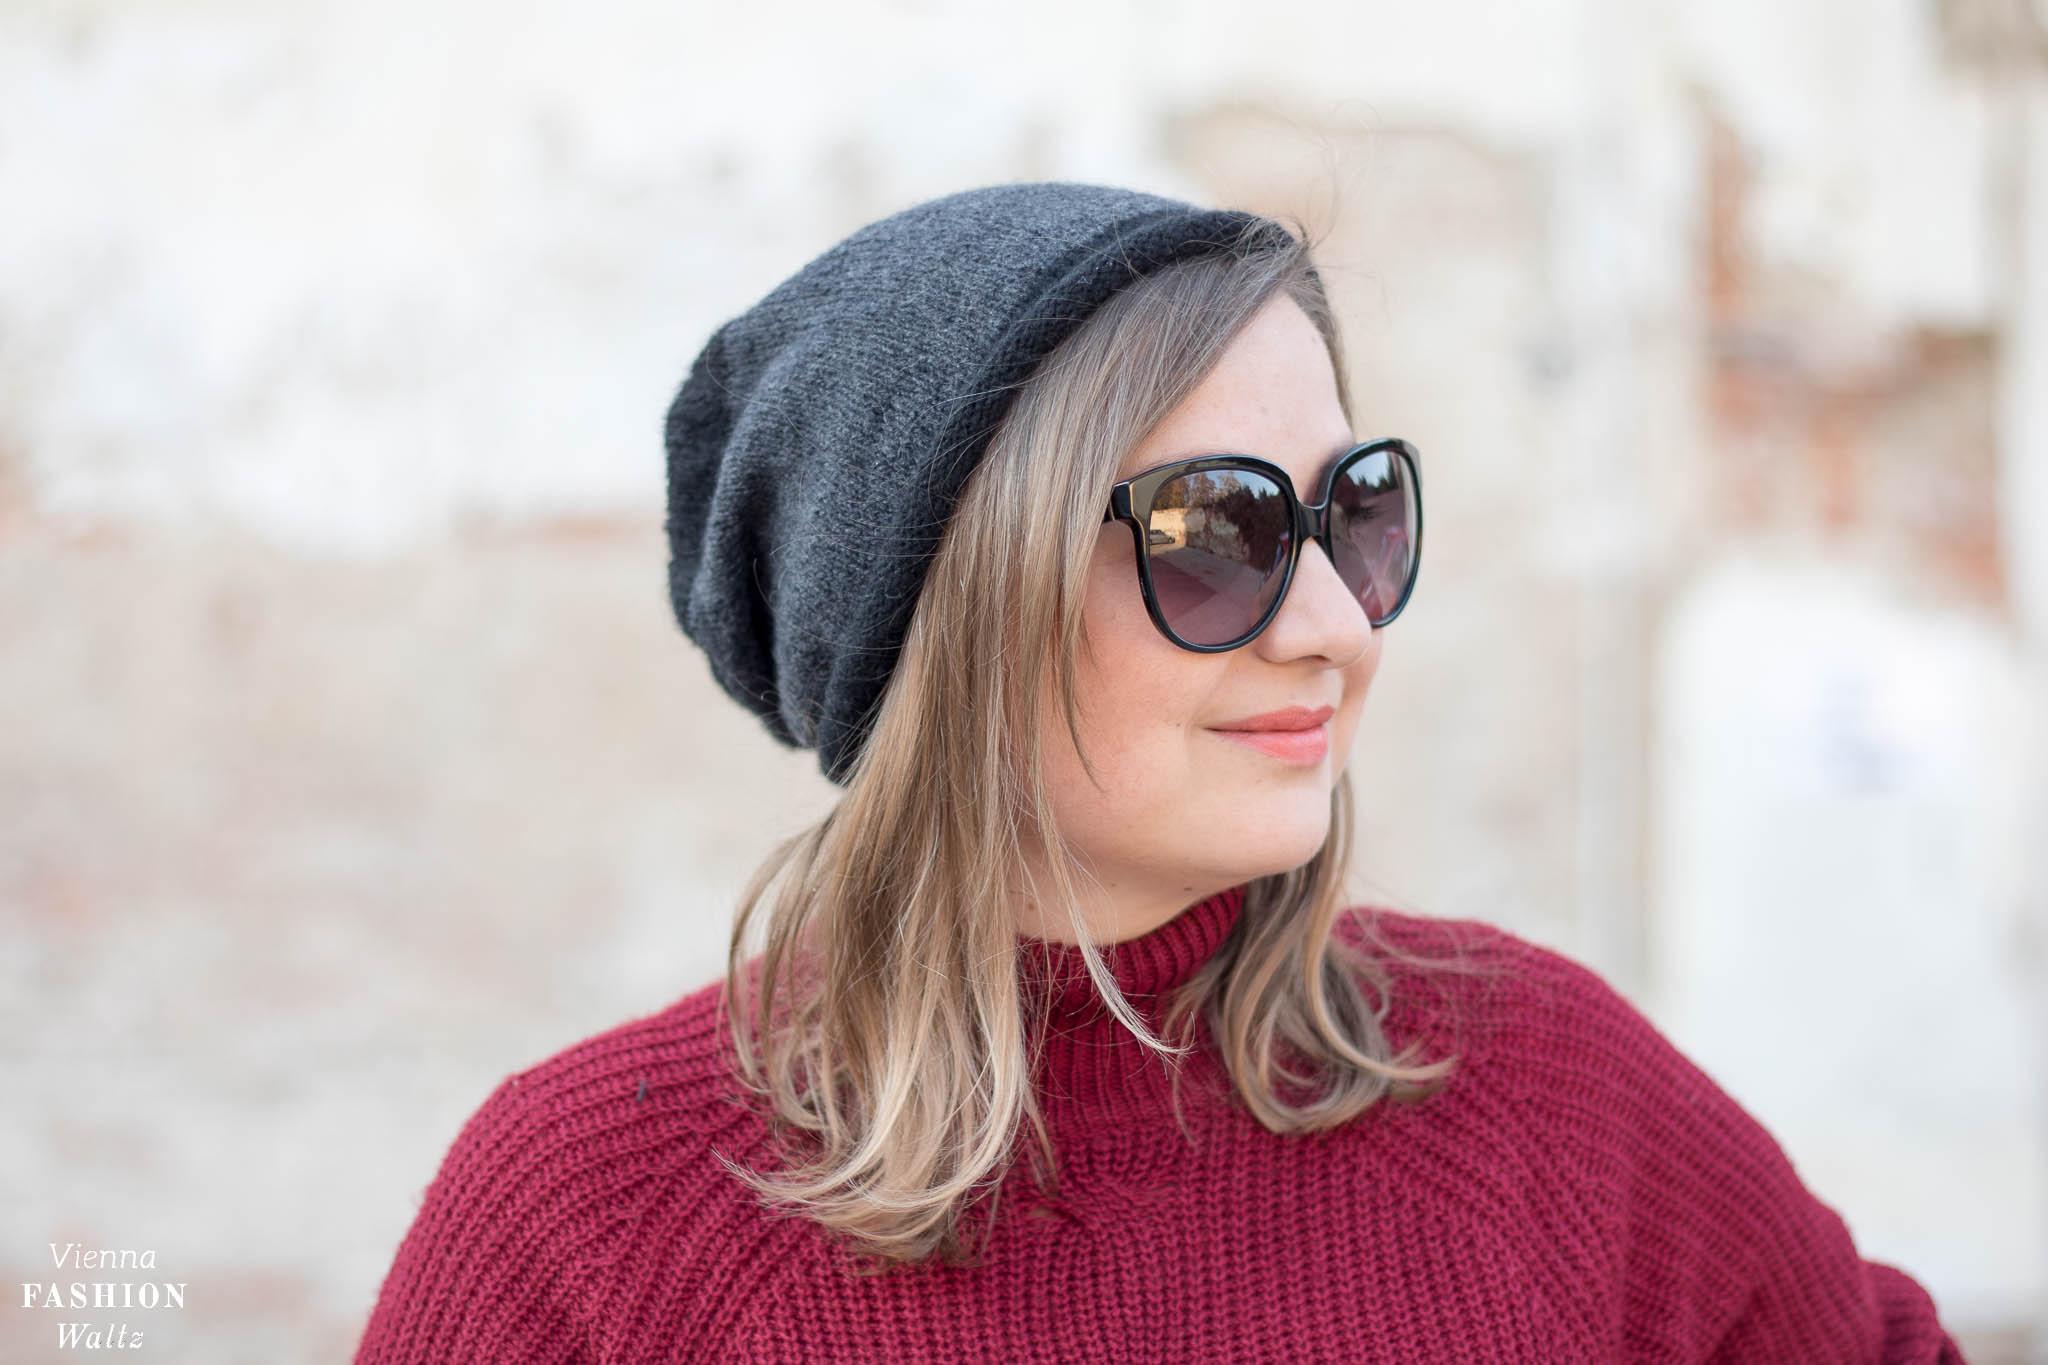 Colourblocking Mütze Strickanleitung, Beanie stricken, kostenlose Anleitung